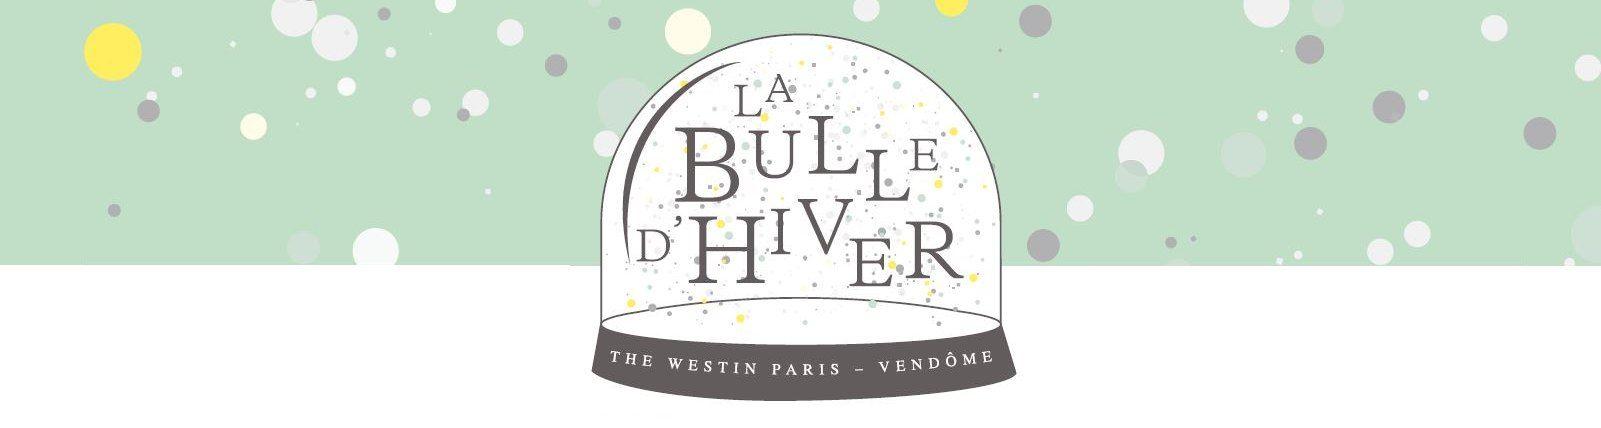 bulle-dhiver-westin-paris-1